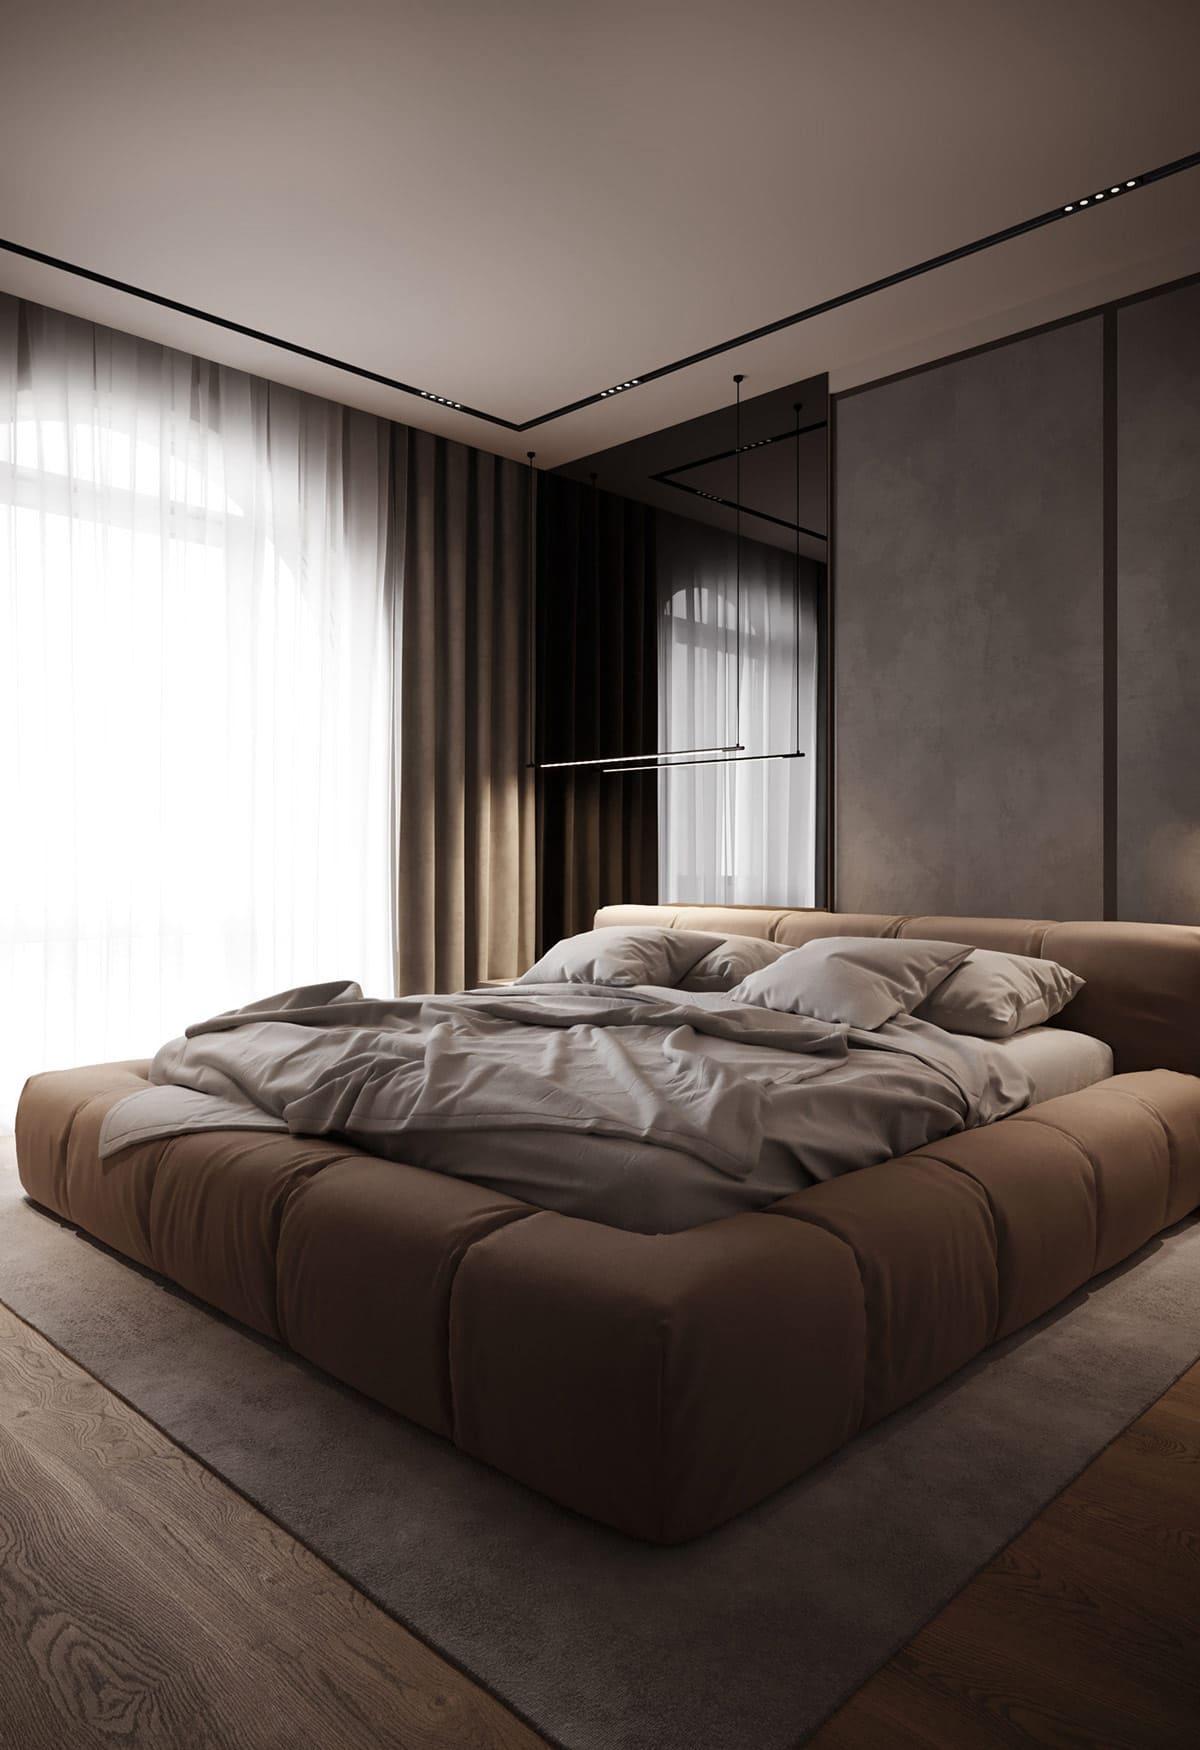 design d'intérieur d'un appartement à la mode photo 5